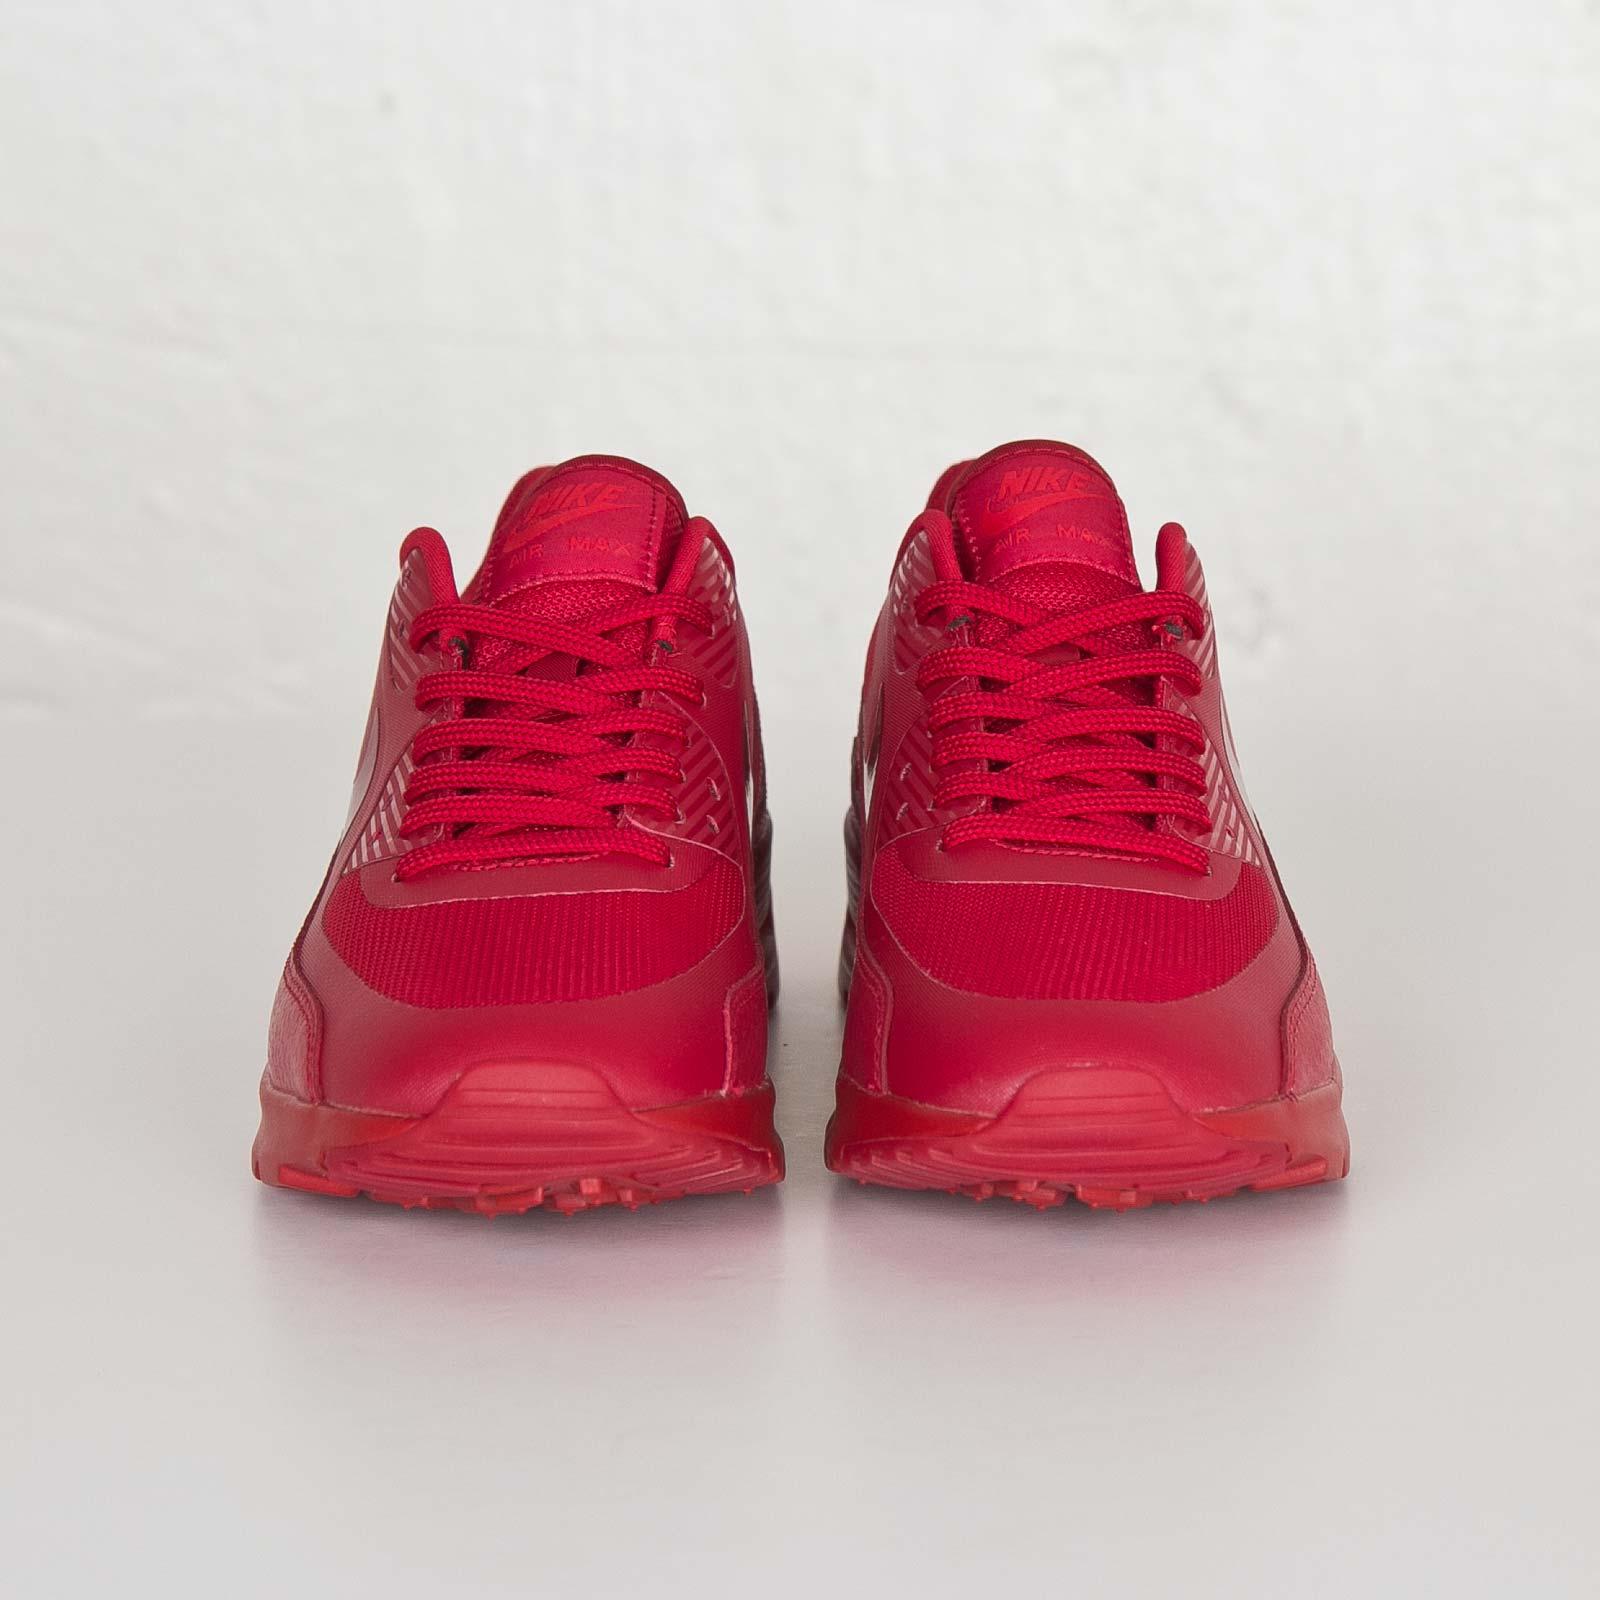 online retailer 09575 10d1b Nike W Air Max 90 Ultra Essential - 724981-601 - Sneakersnstuff   sneakers    streetwear på nätet sen 1999